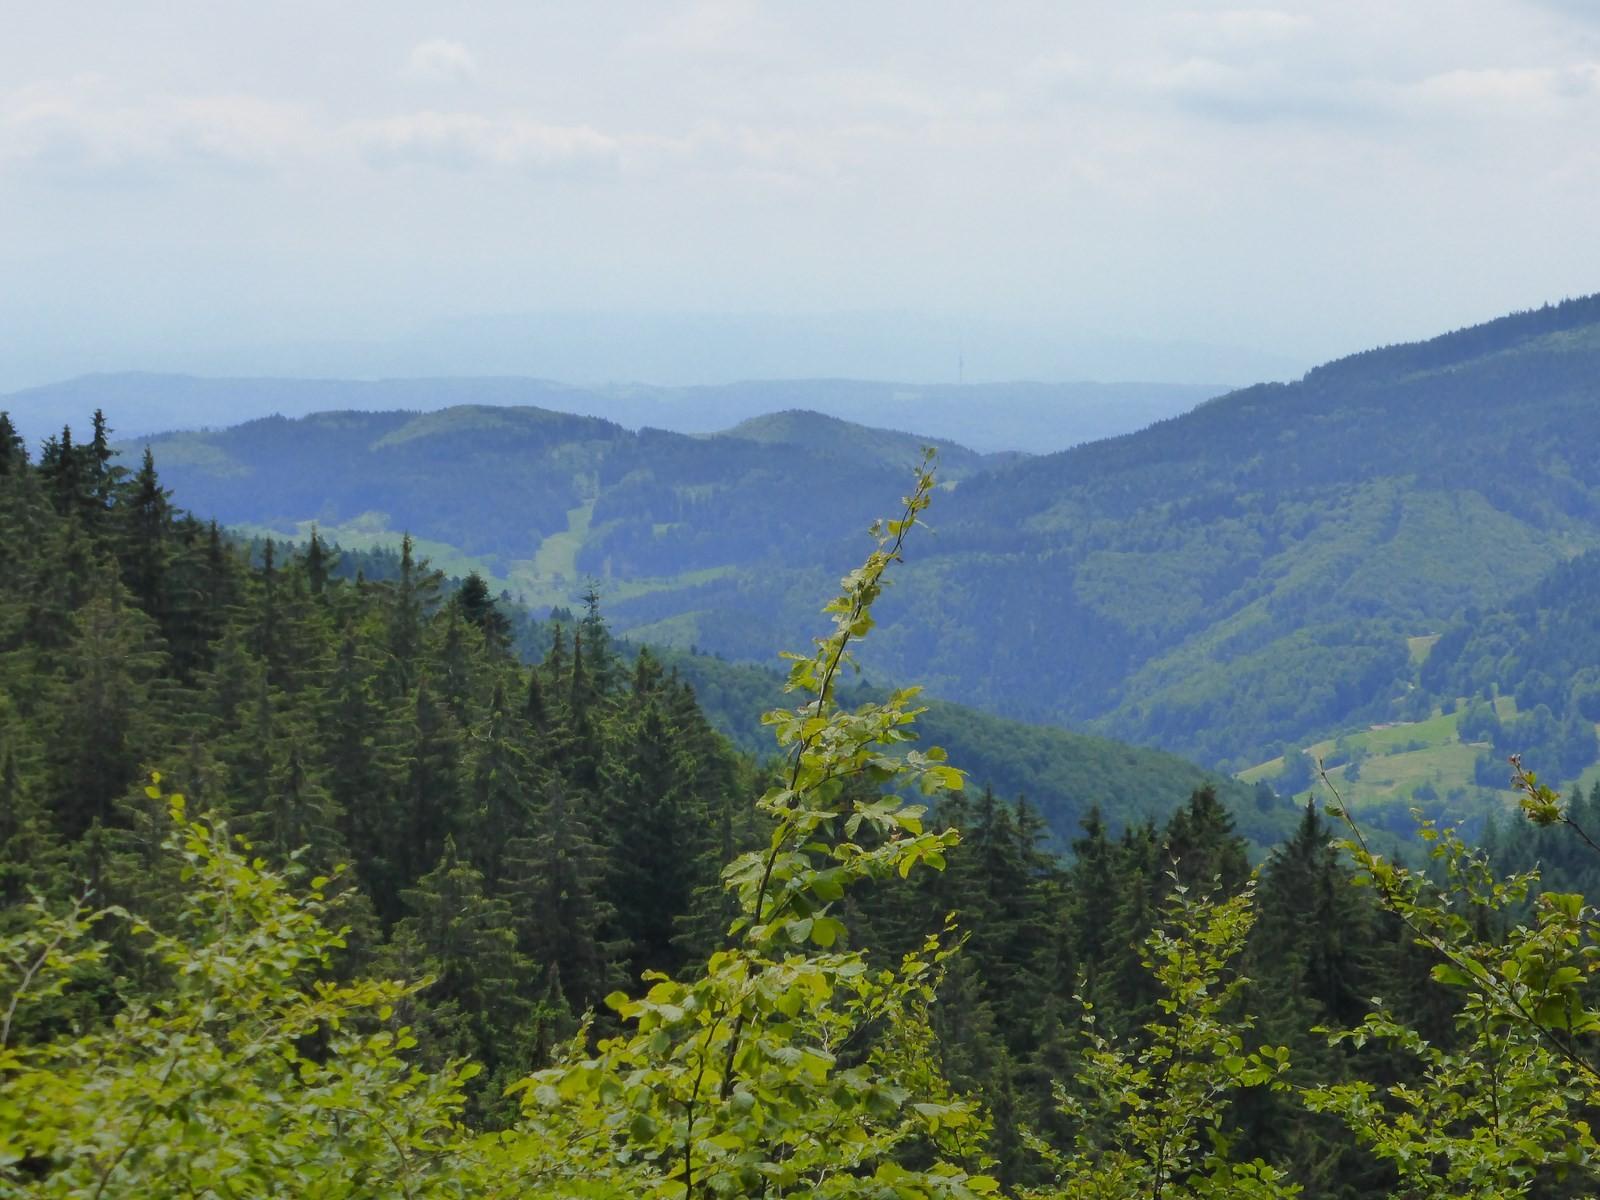 Blick ins Tal der Köhlgartenwiese © Hartmut Hermanns